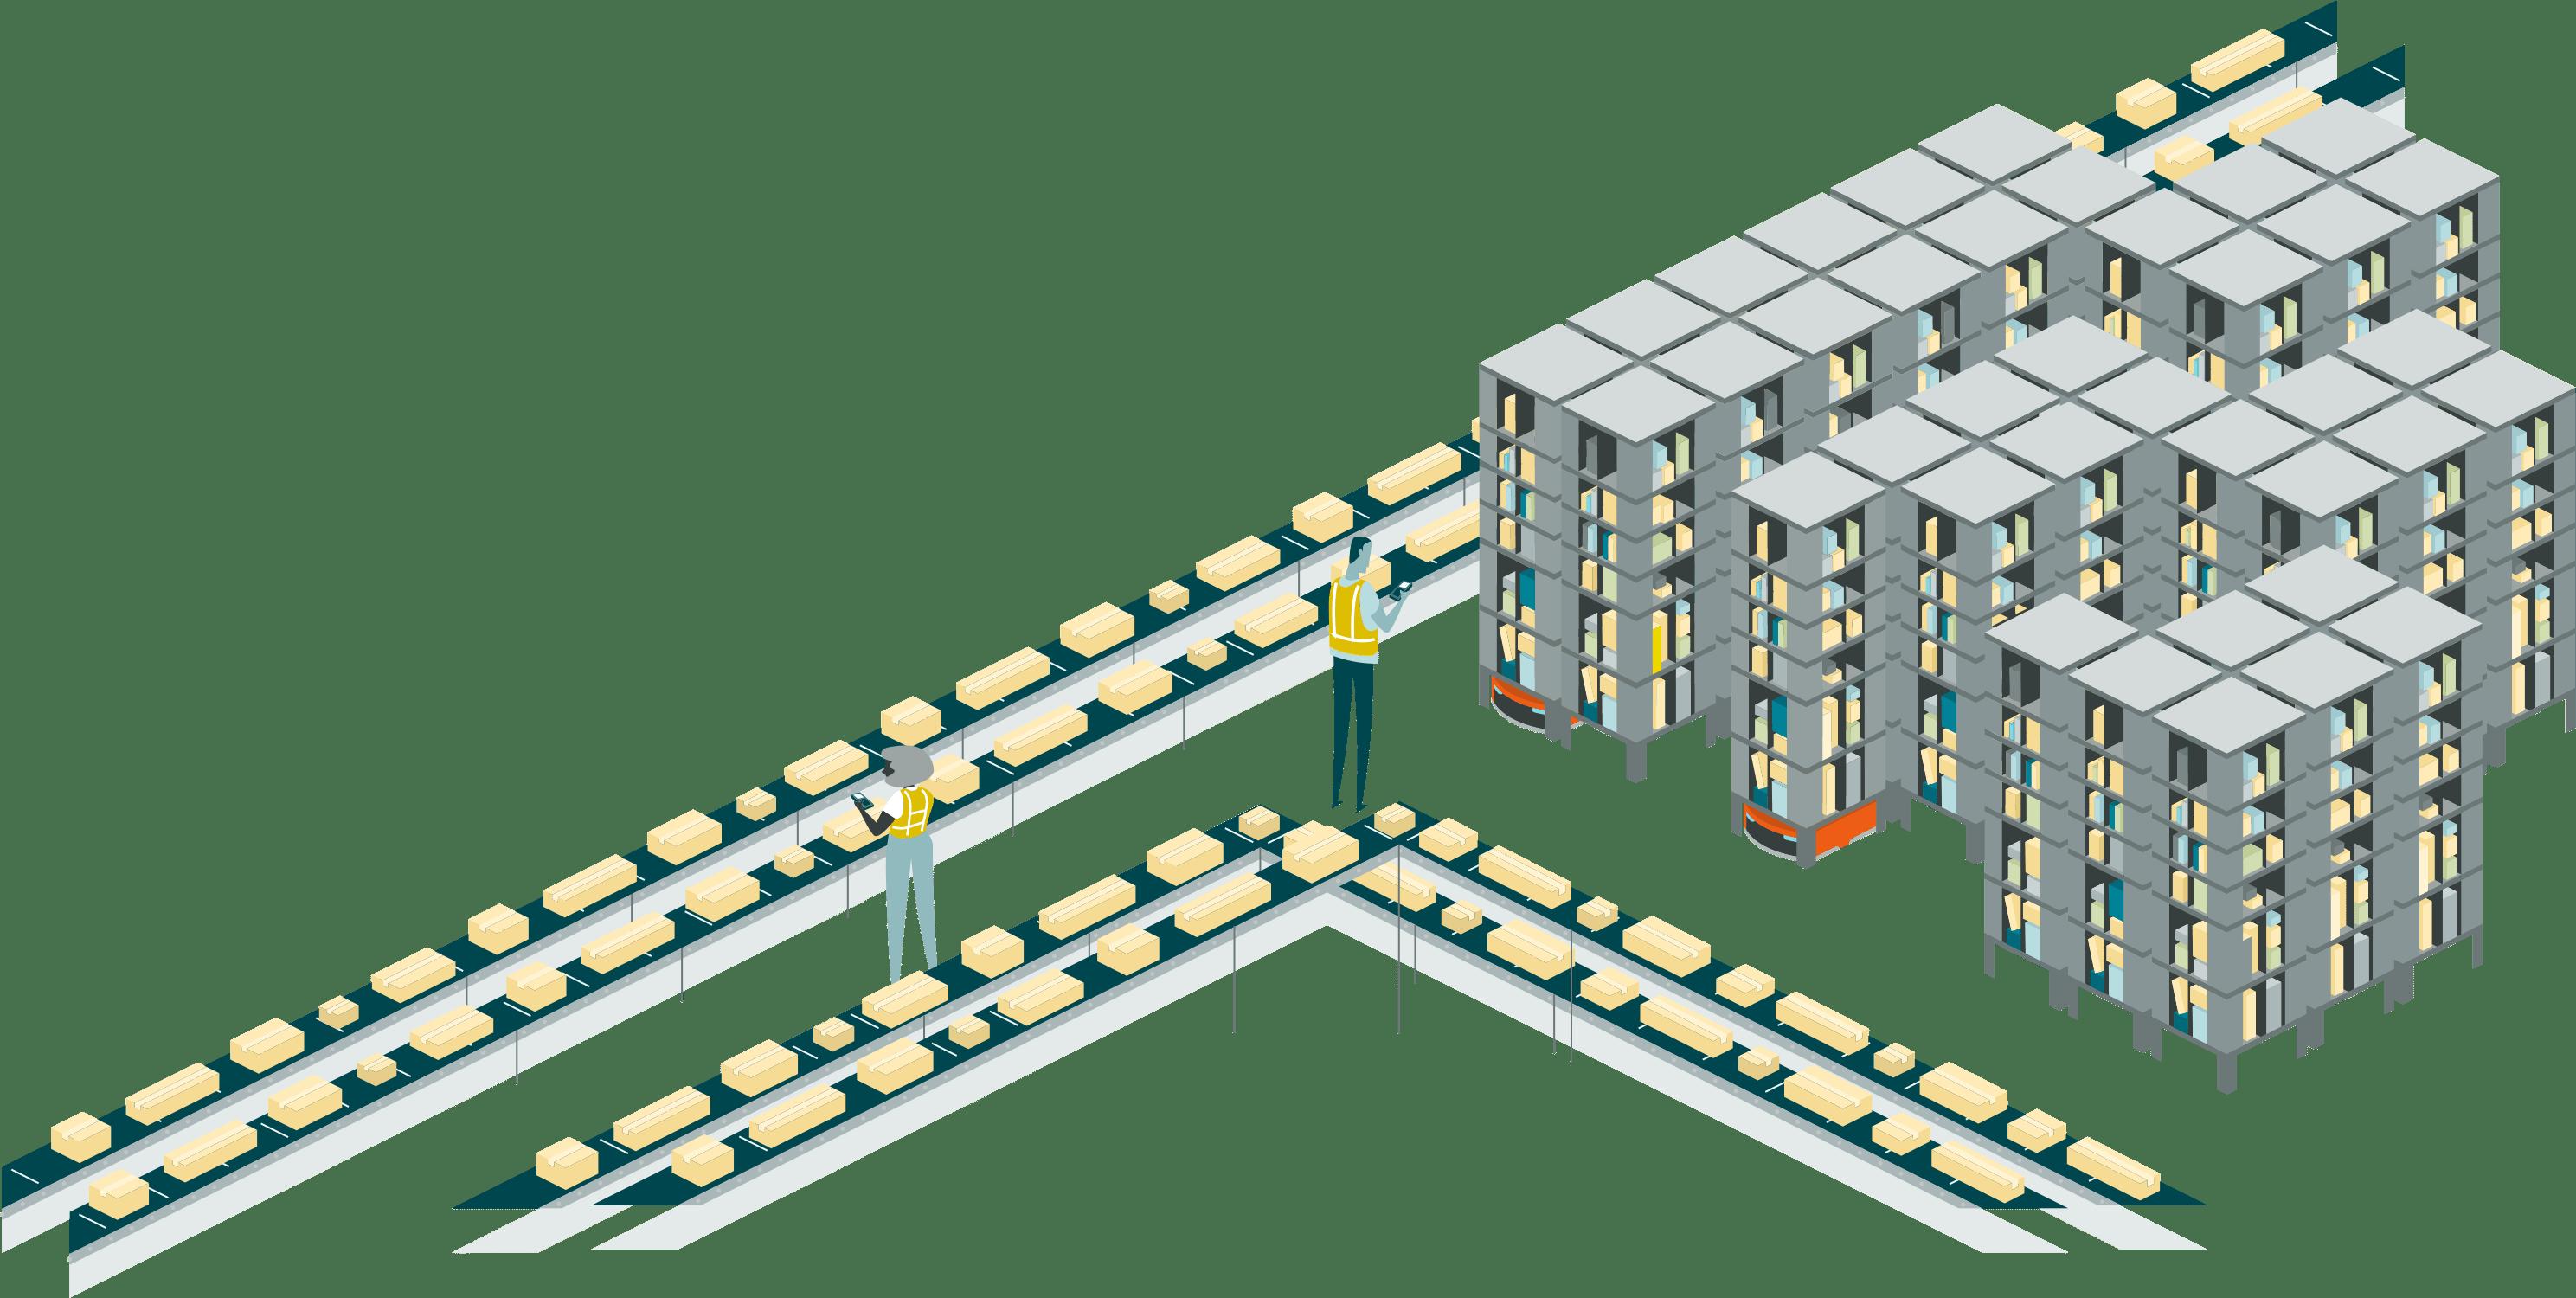 Ilustración. Canales con paquetes de Amazon en el centro de distribución.